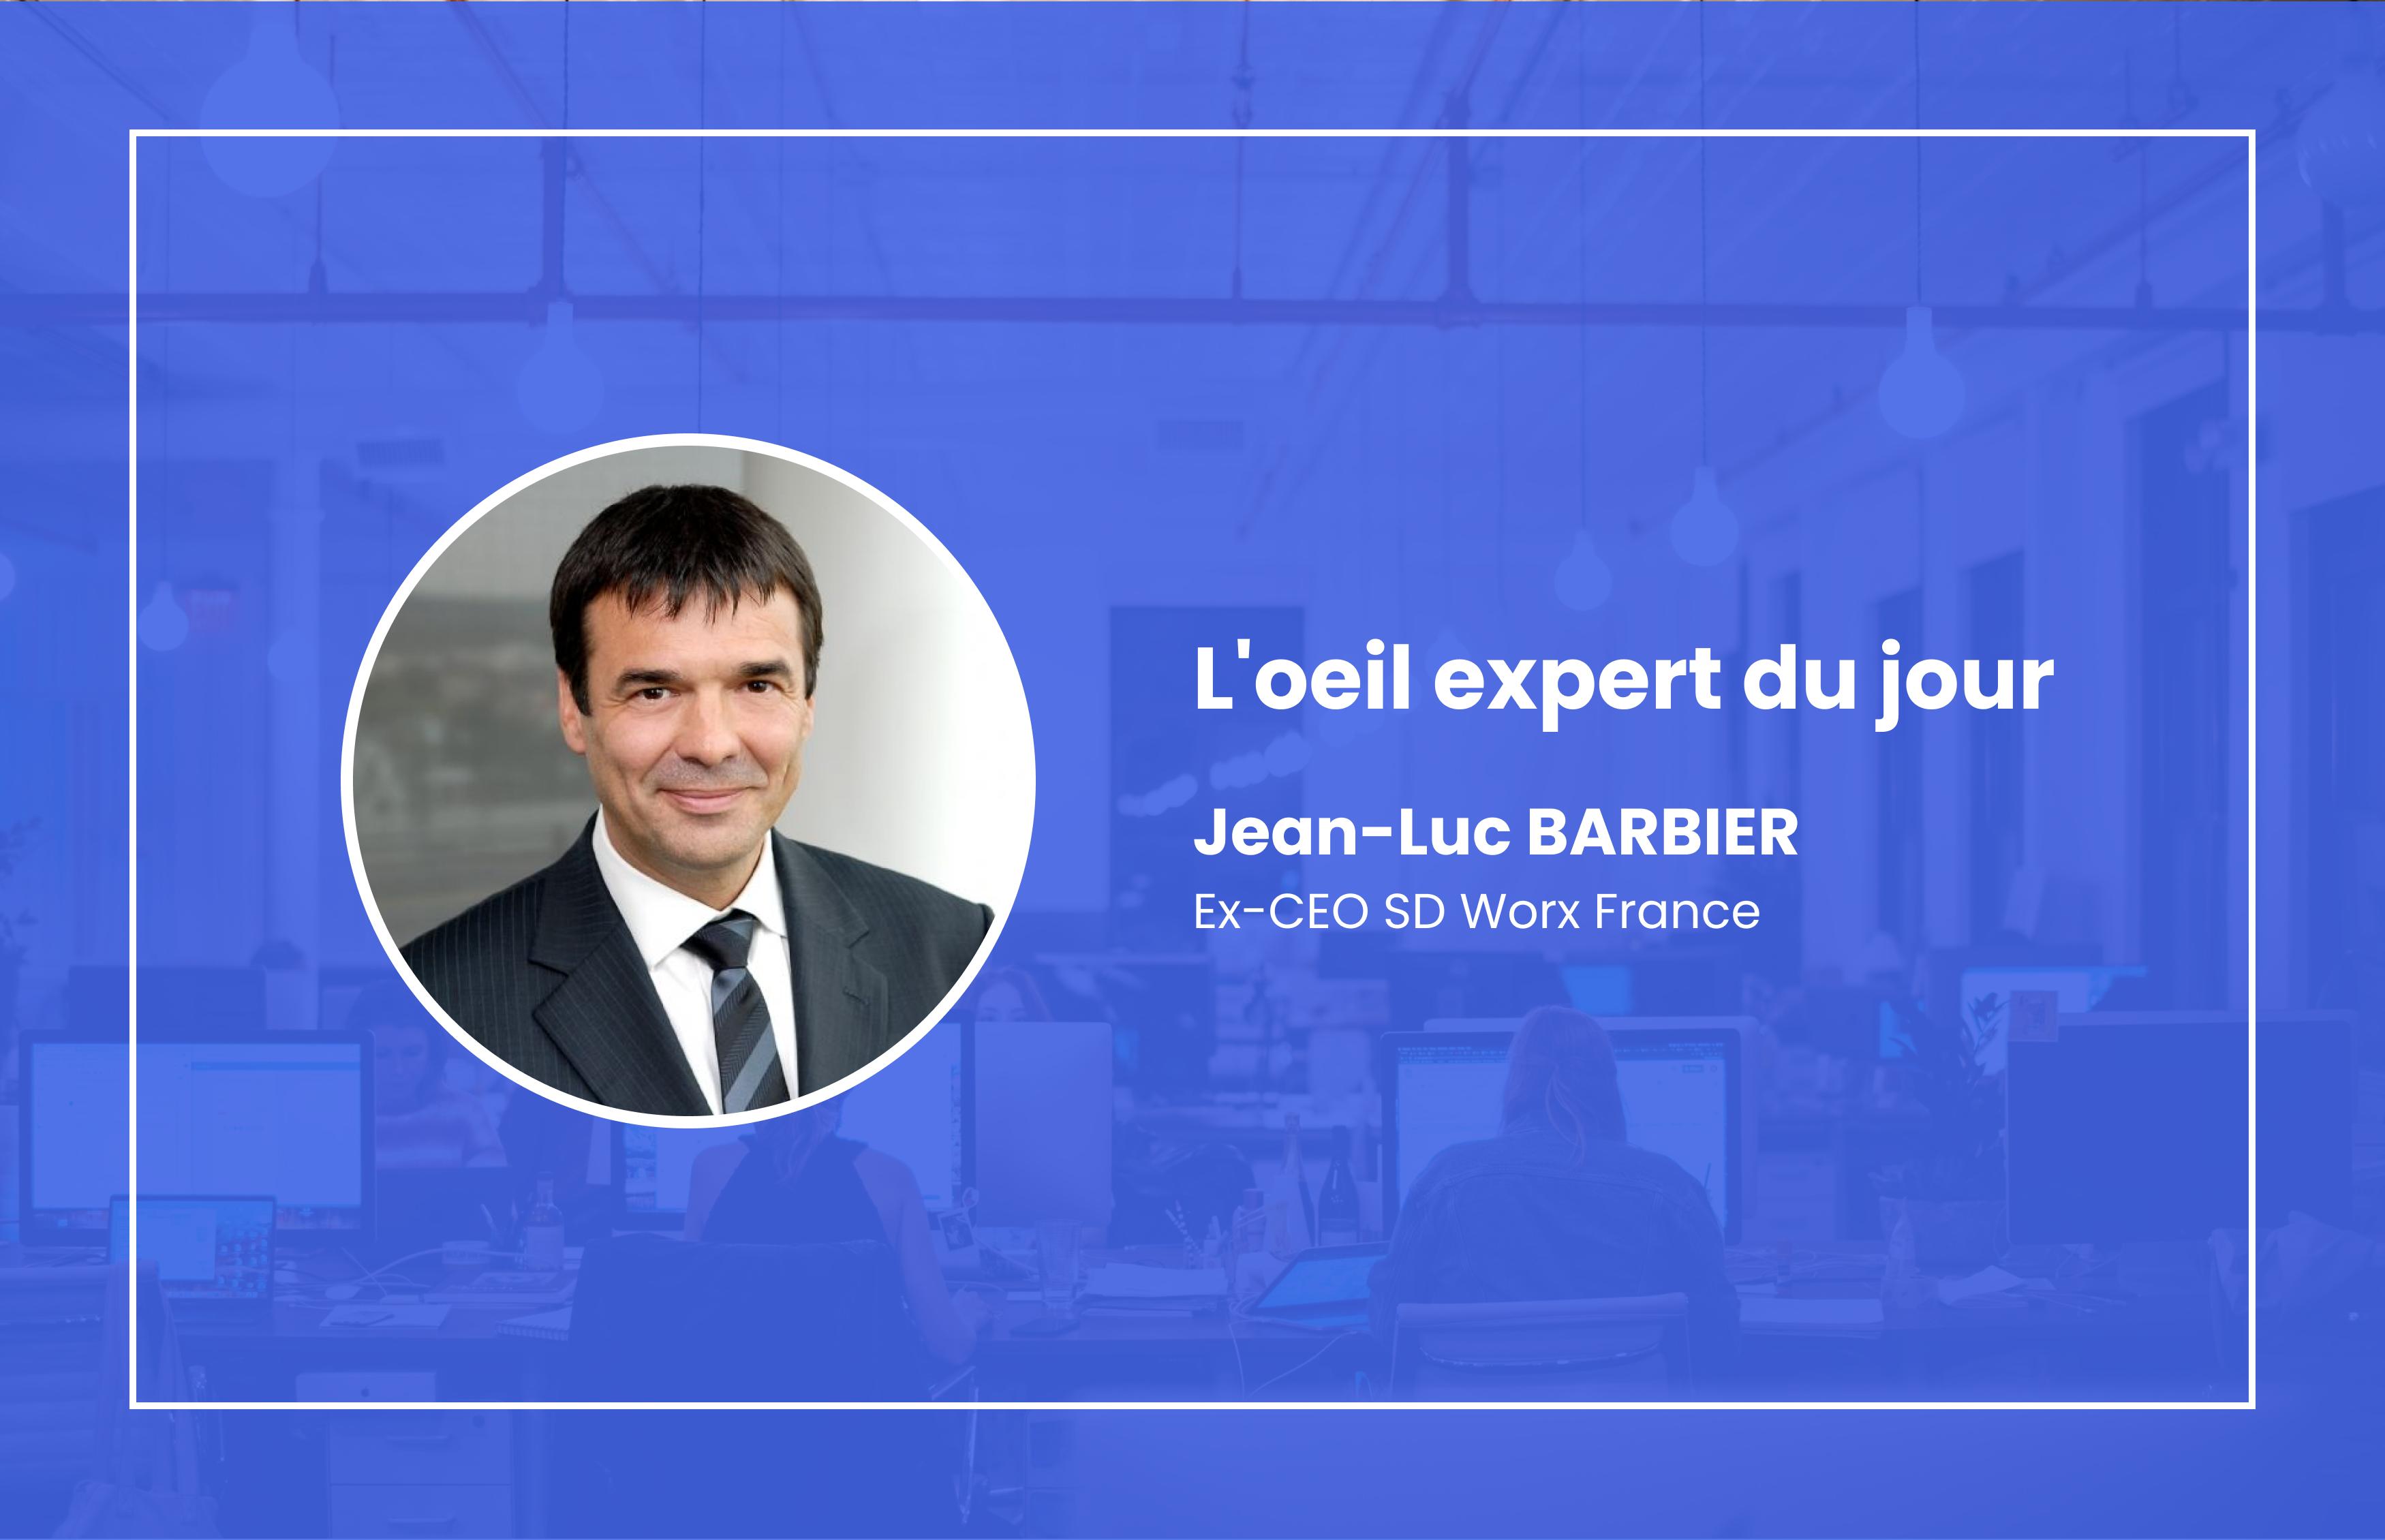 L'oeil expert de Jean-Luc Barbier